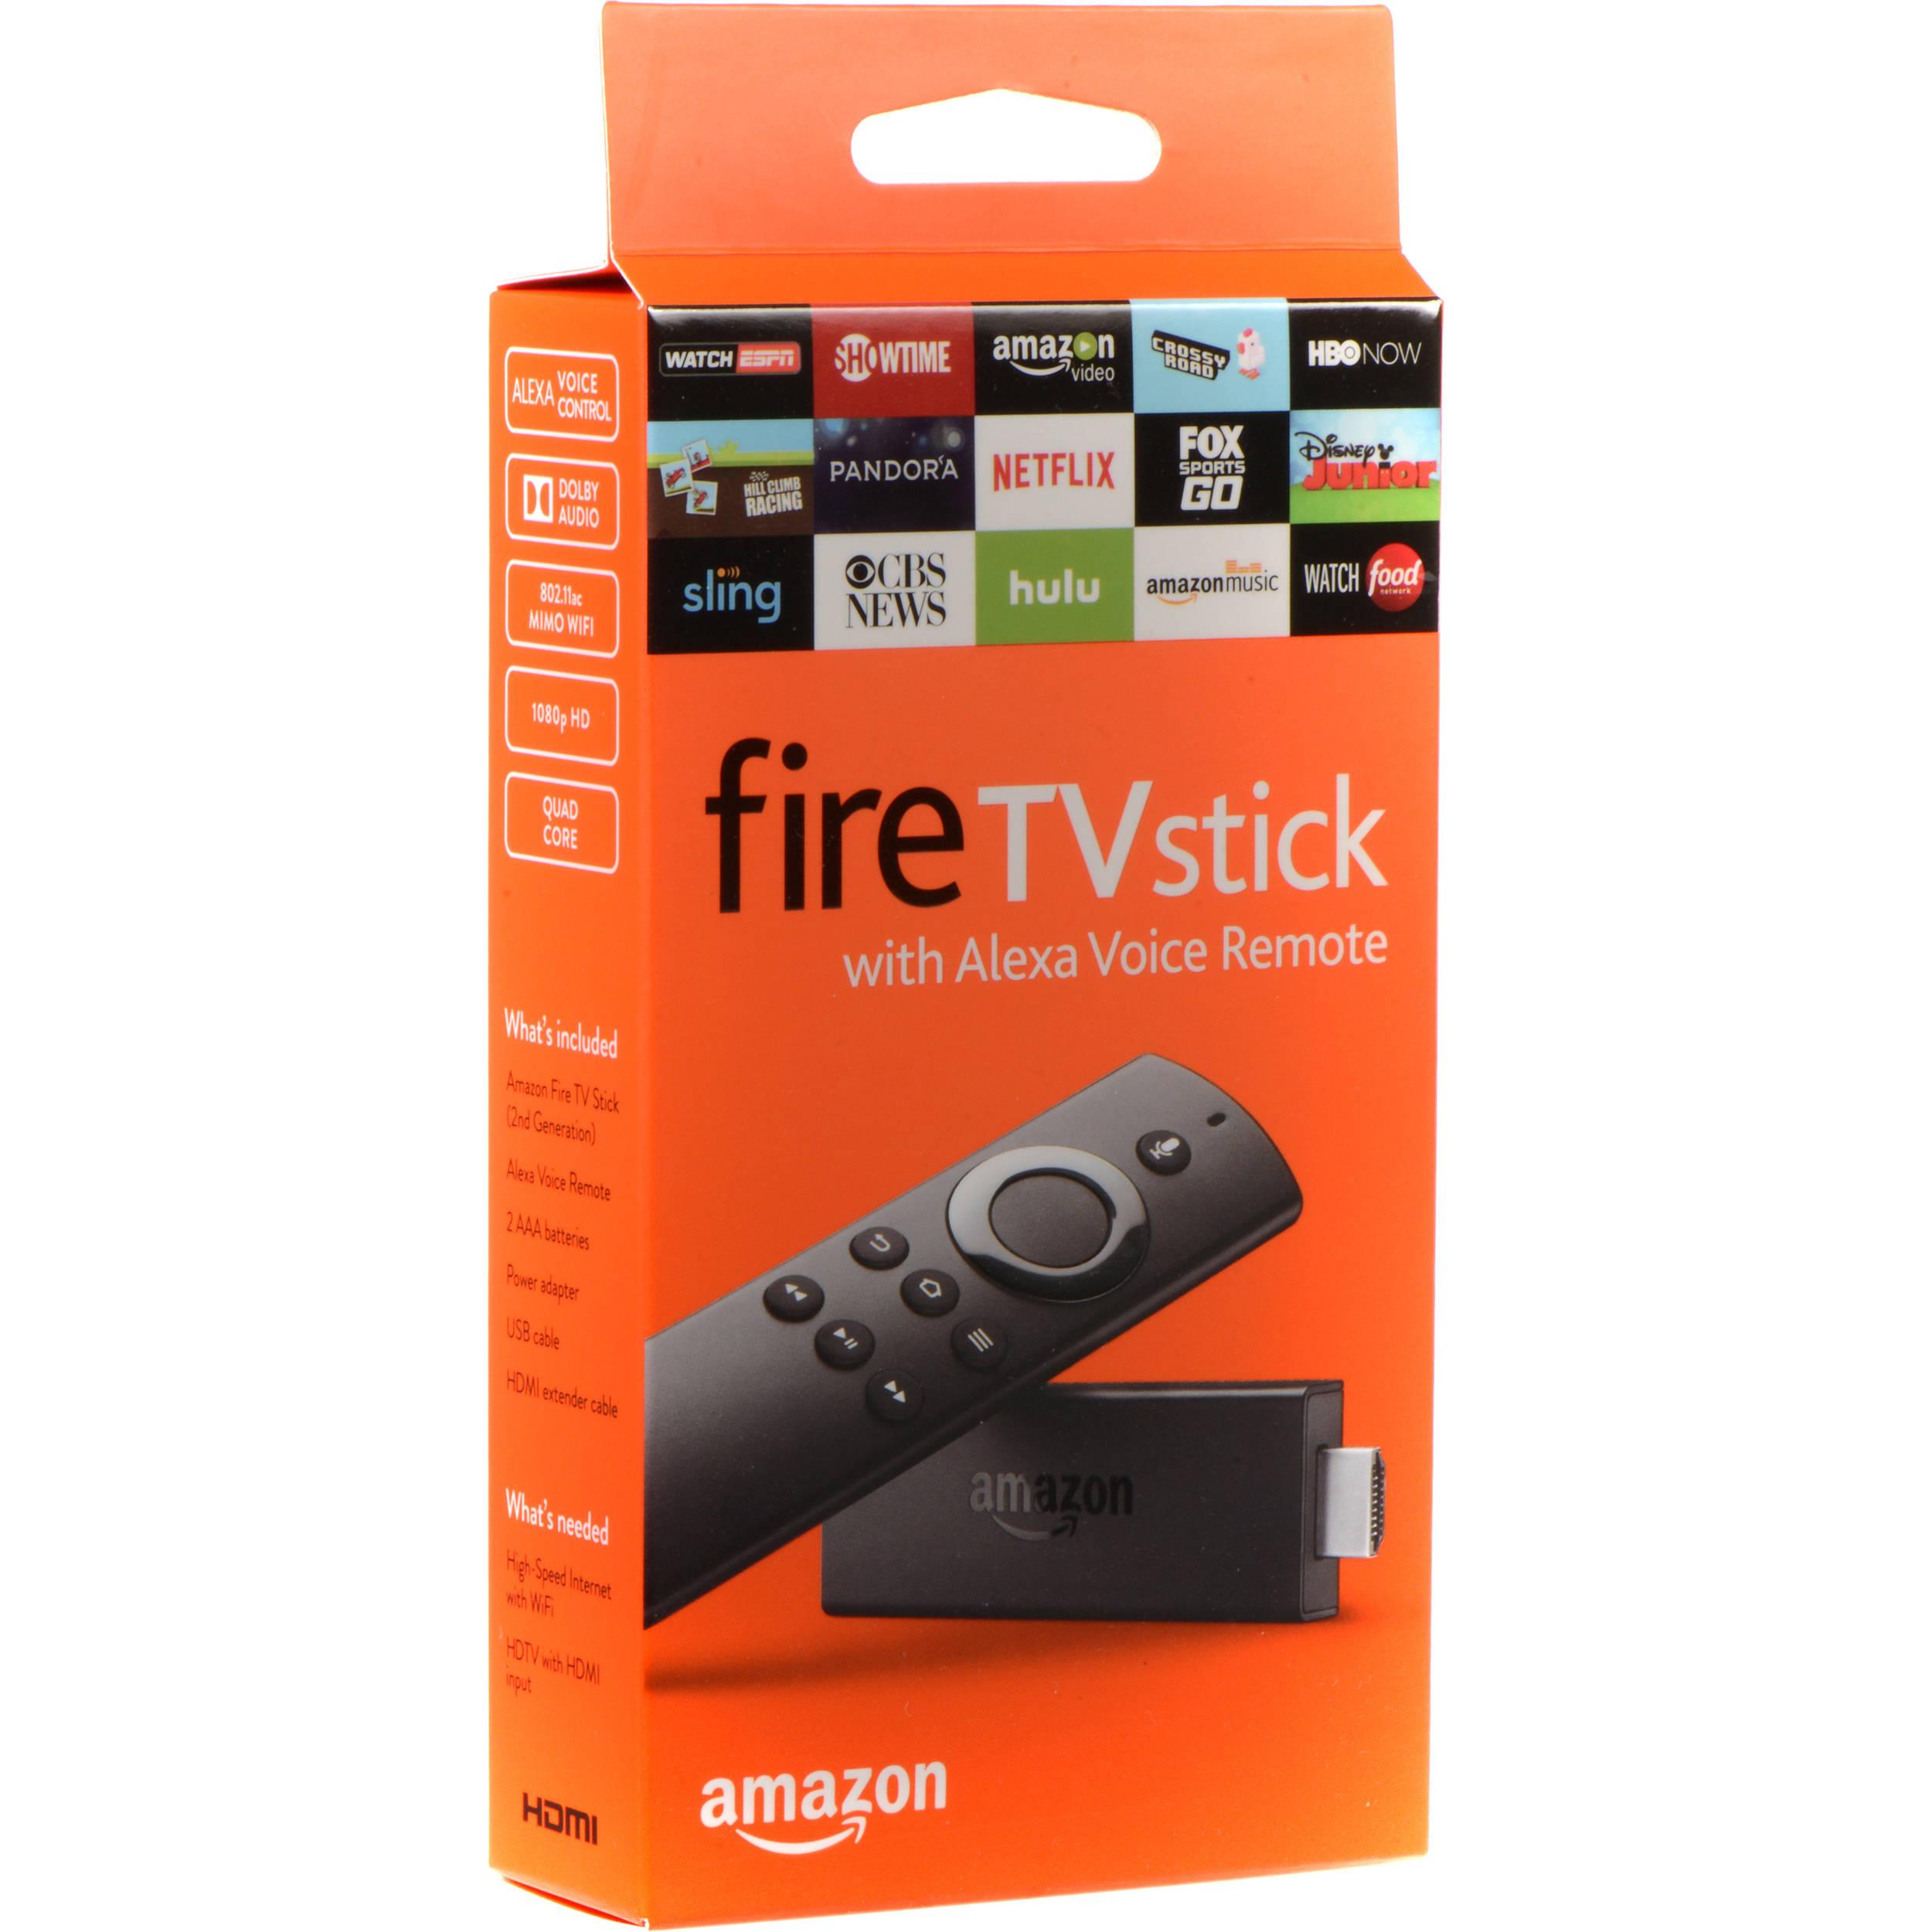 Amazon Fire TV Stick y Fire TV Stick Lite: Caraterísticas y precio en México 2